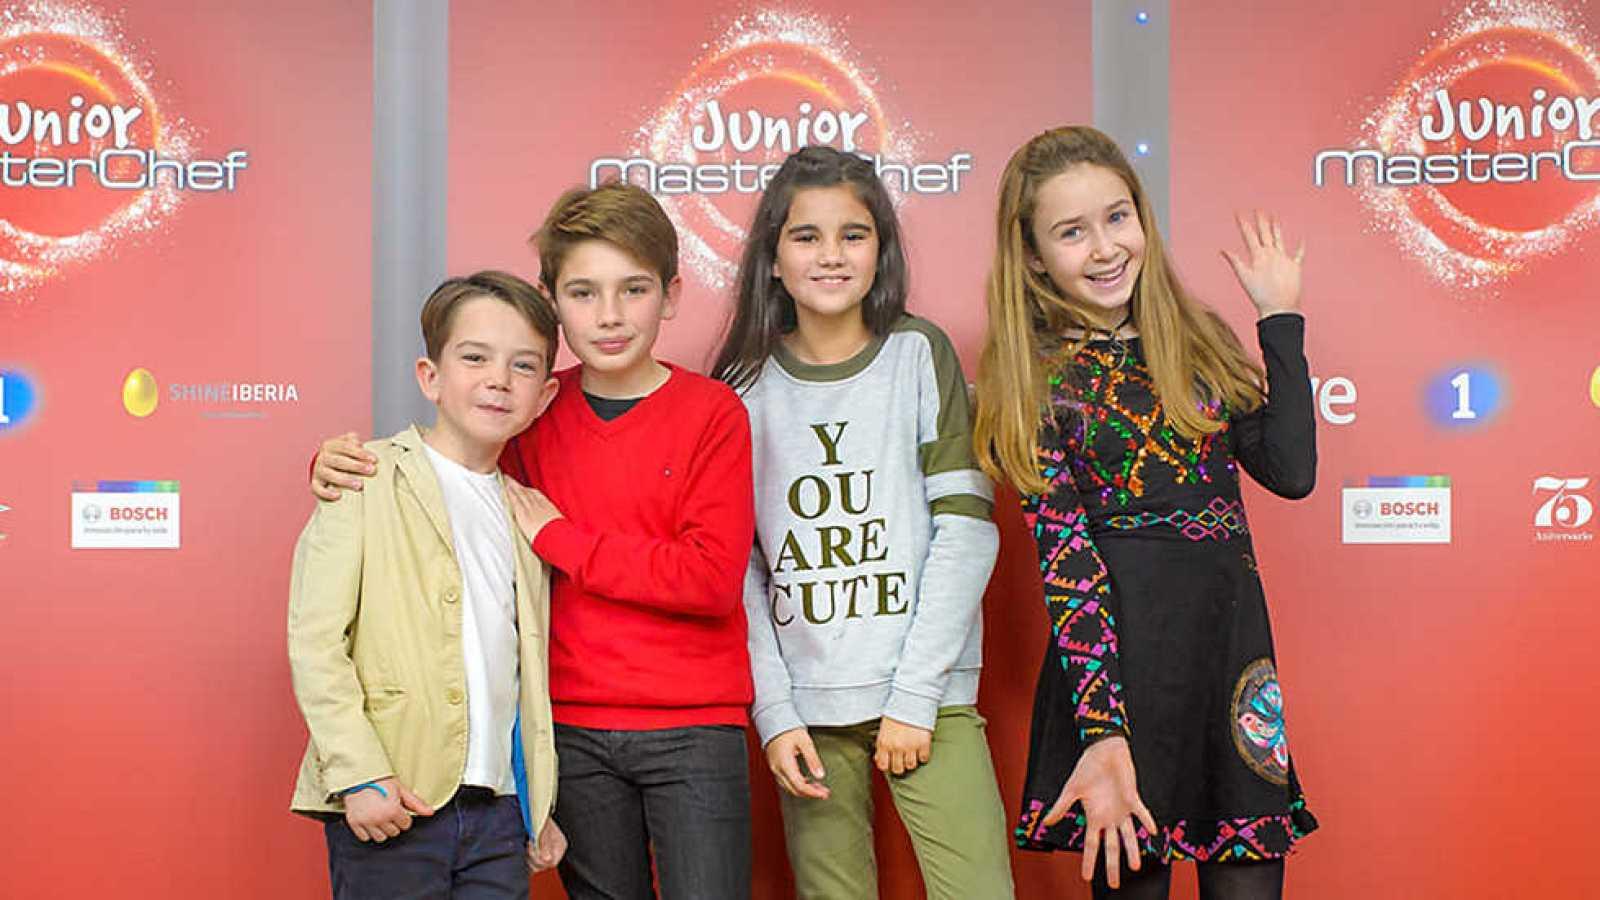 MasterChef Junior 4 - Programa 1 - 20/12/16 - RTVE.es